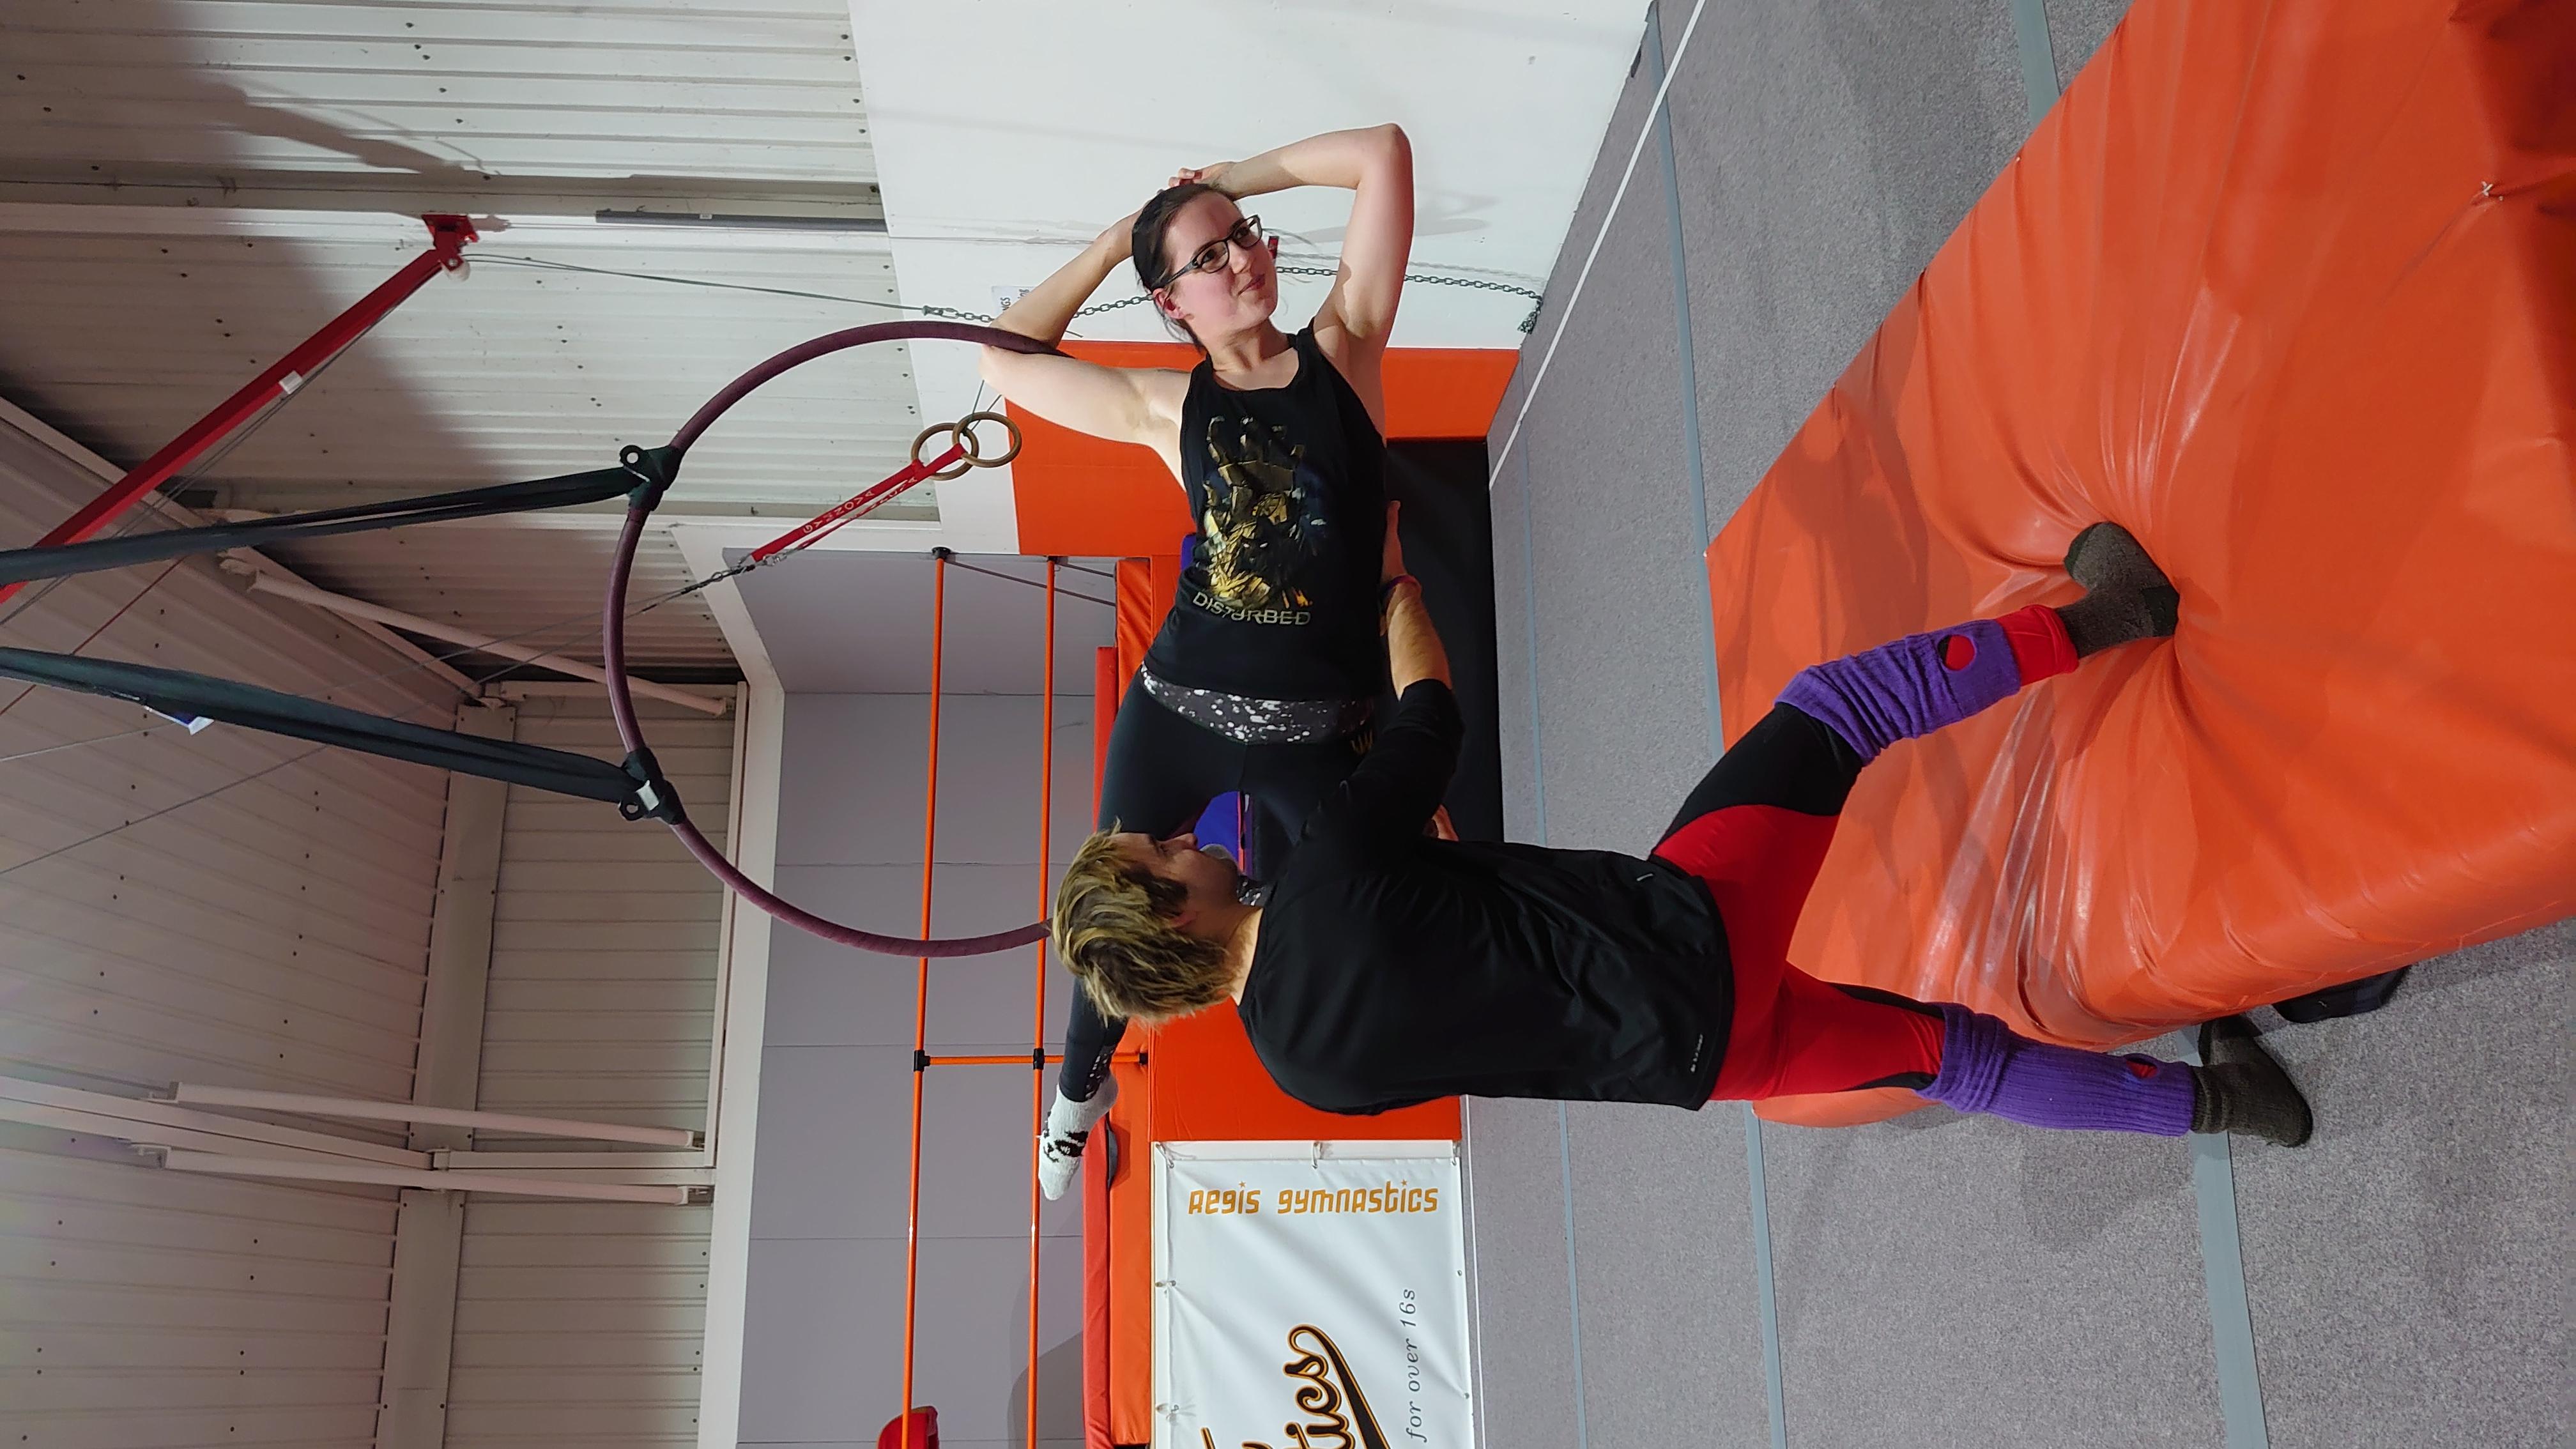 Aerial-hoop-spotting-2